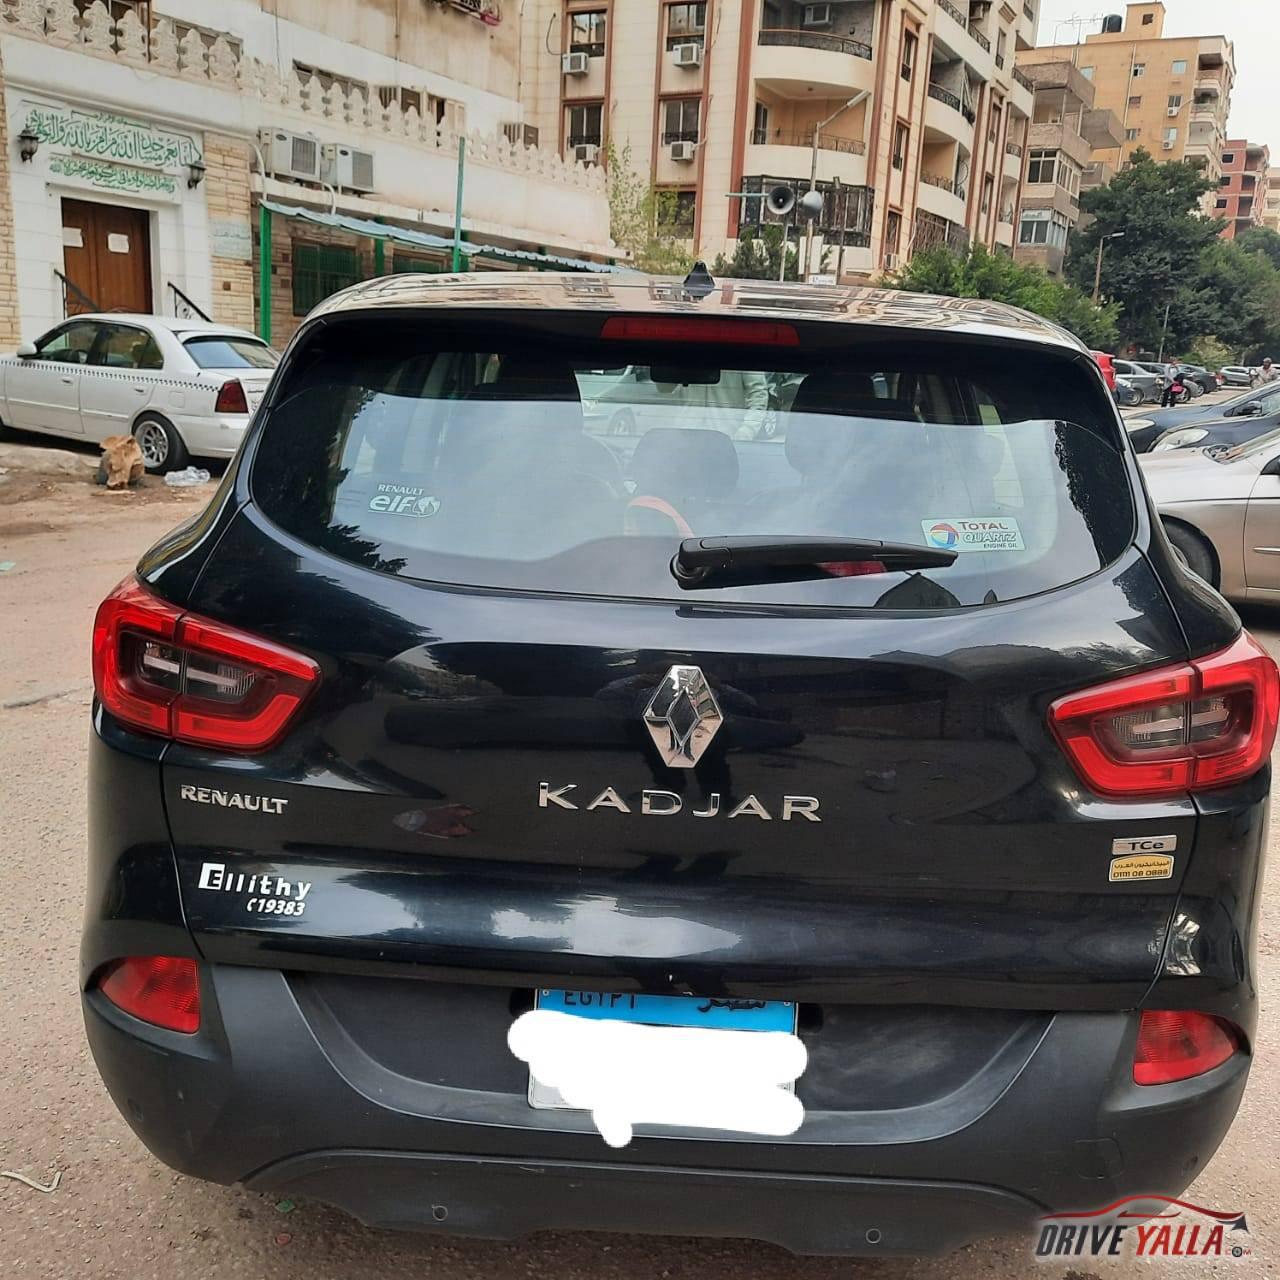 رينو كادجر مستعملة للبيع فى مصر 2019